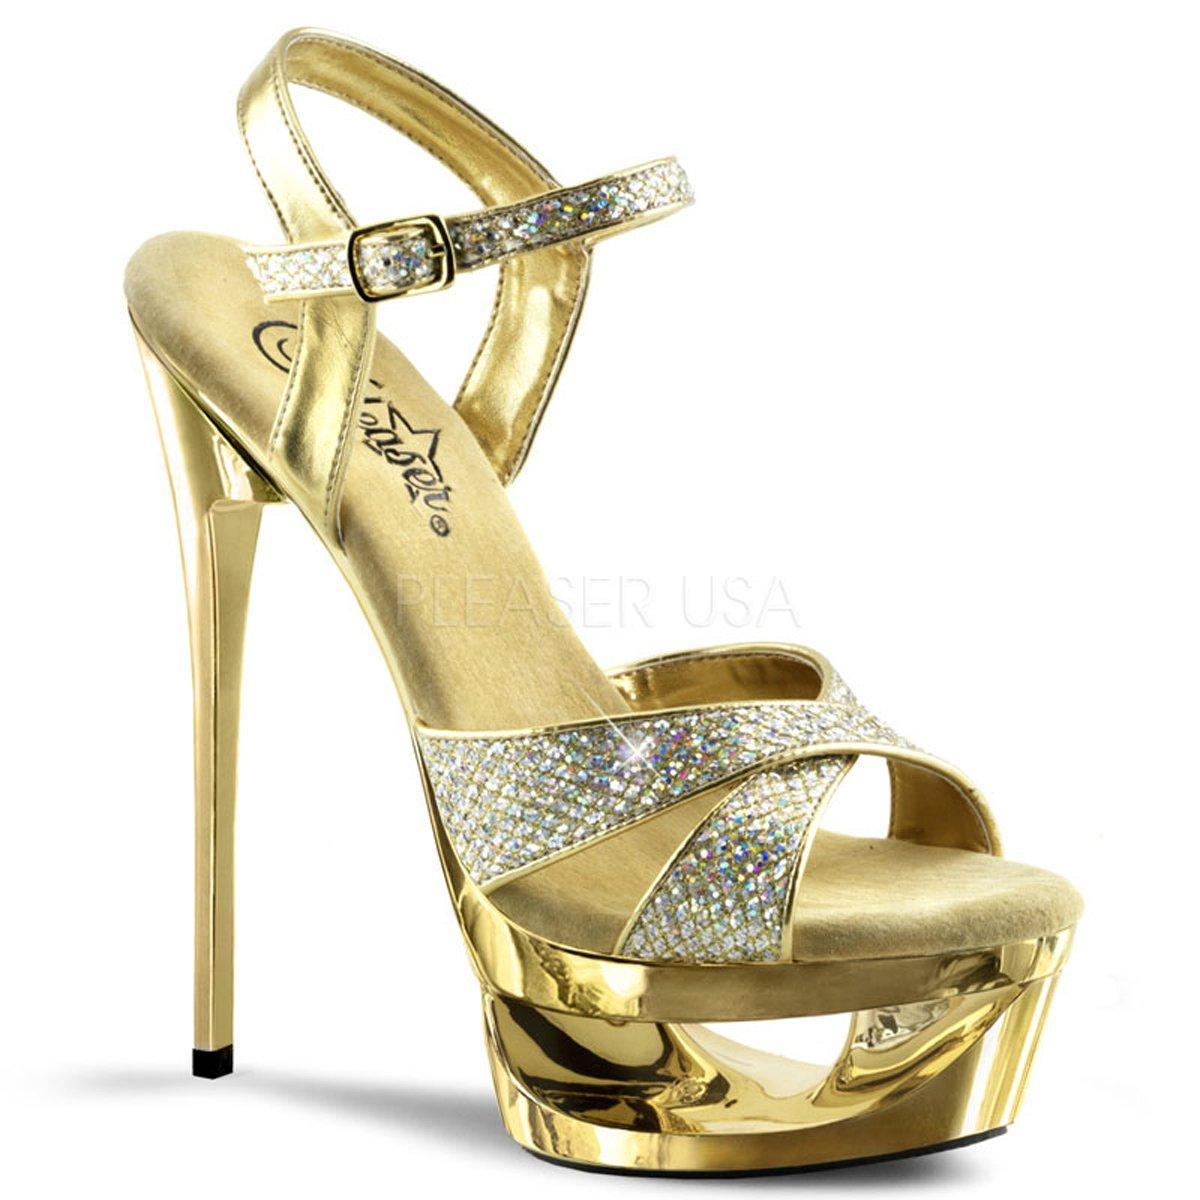 ECLIPSE-619G Zlaté luxusní sandálky na jehlovém podpatku  d1e1f10811